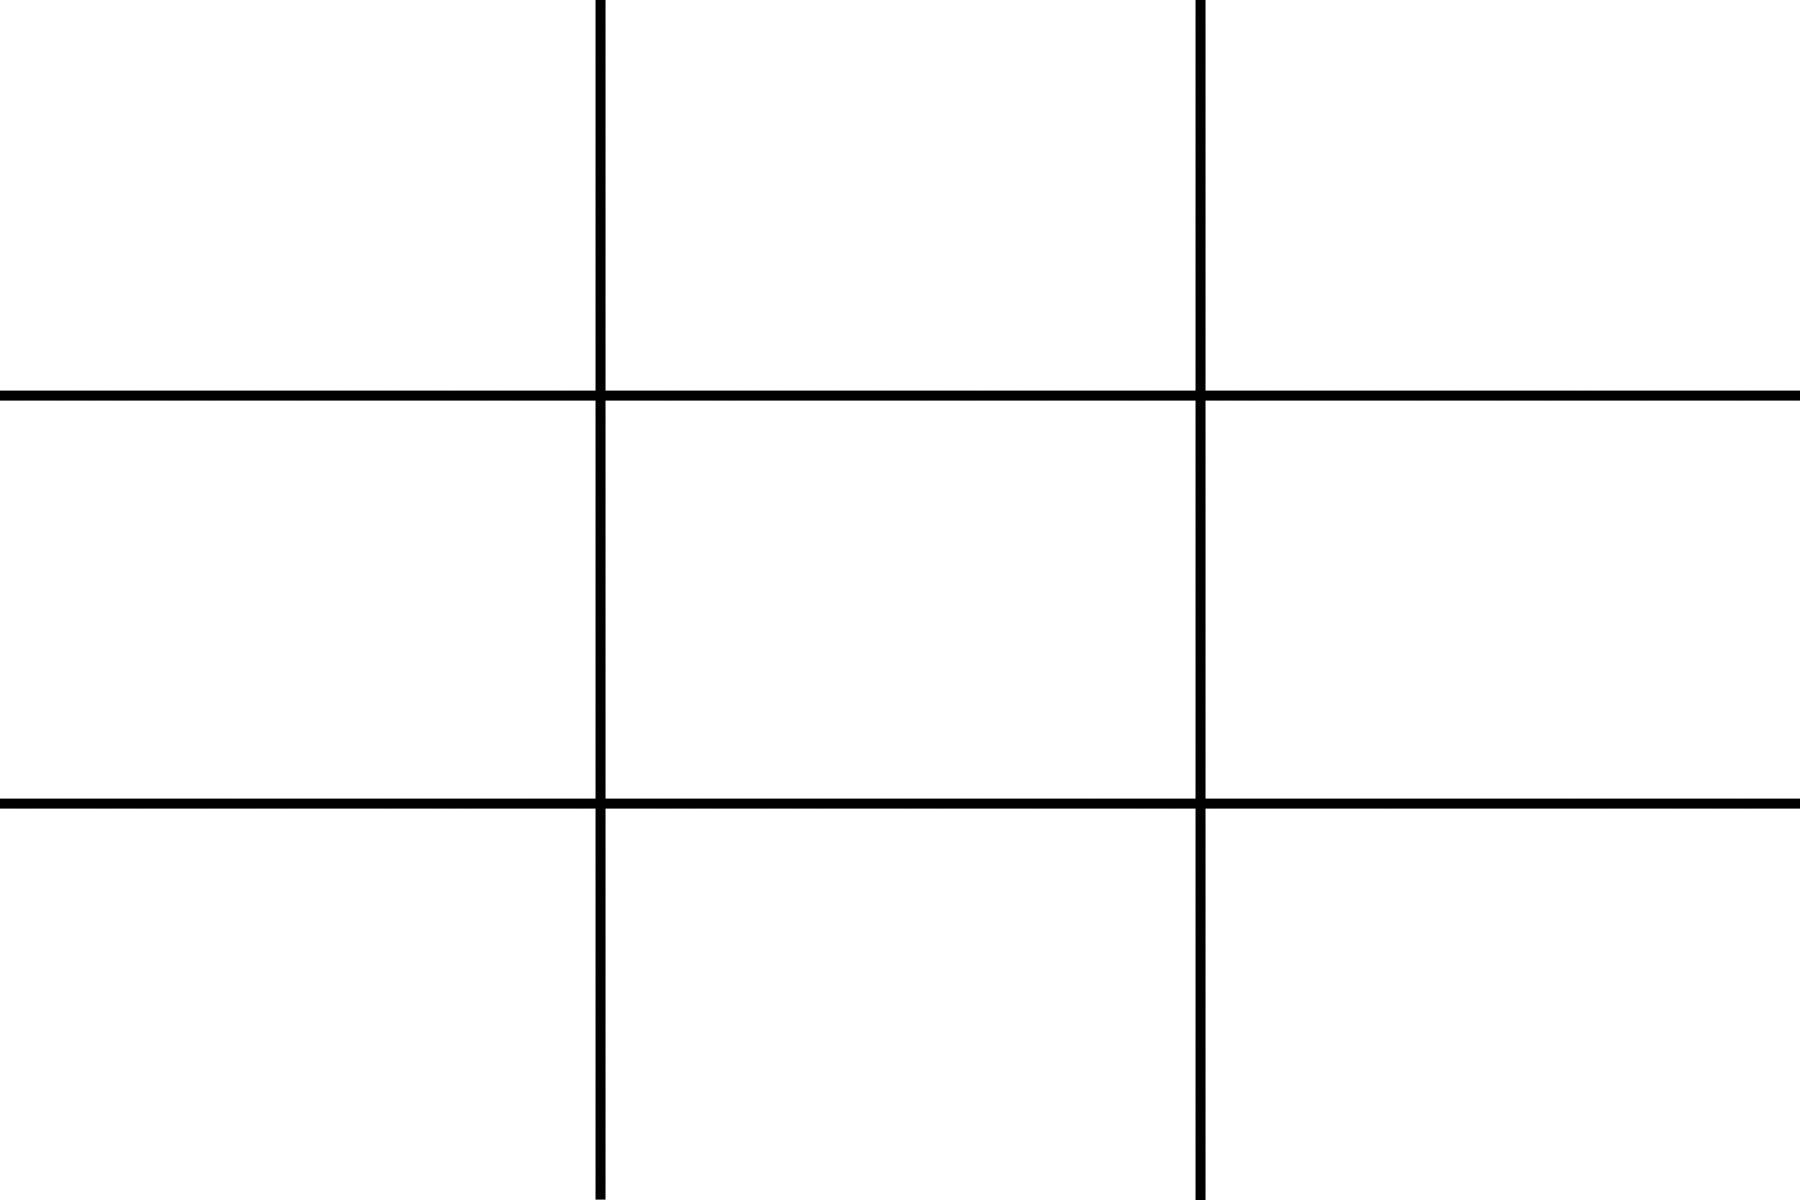 rule-of-thirds grid